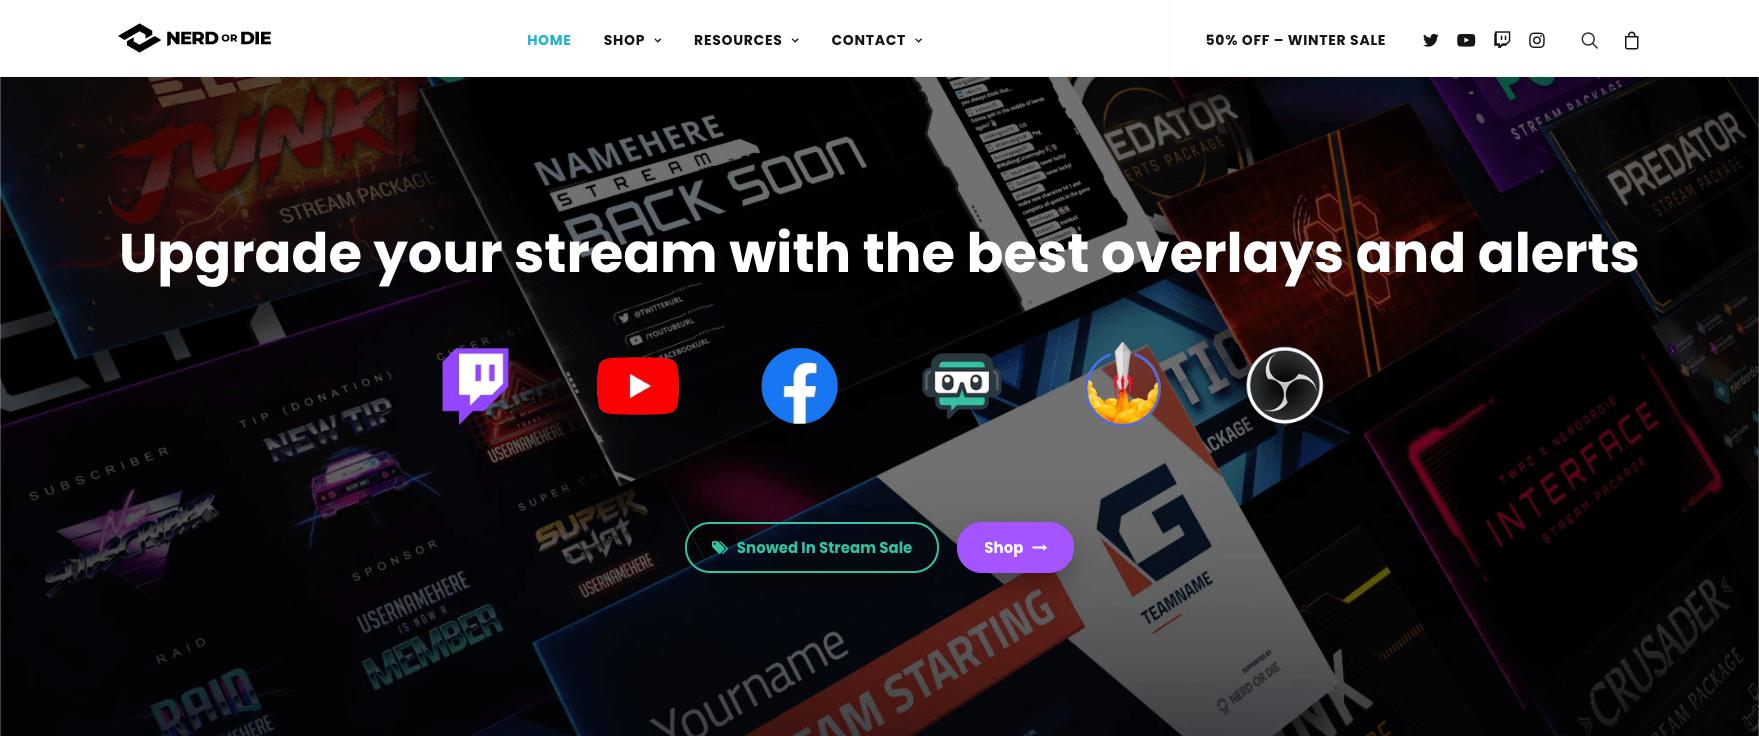 Nerd or Die Homepage